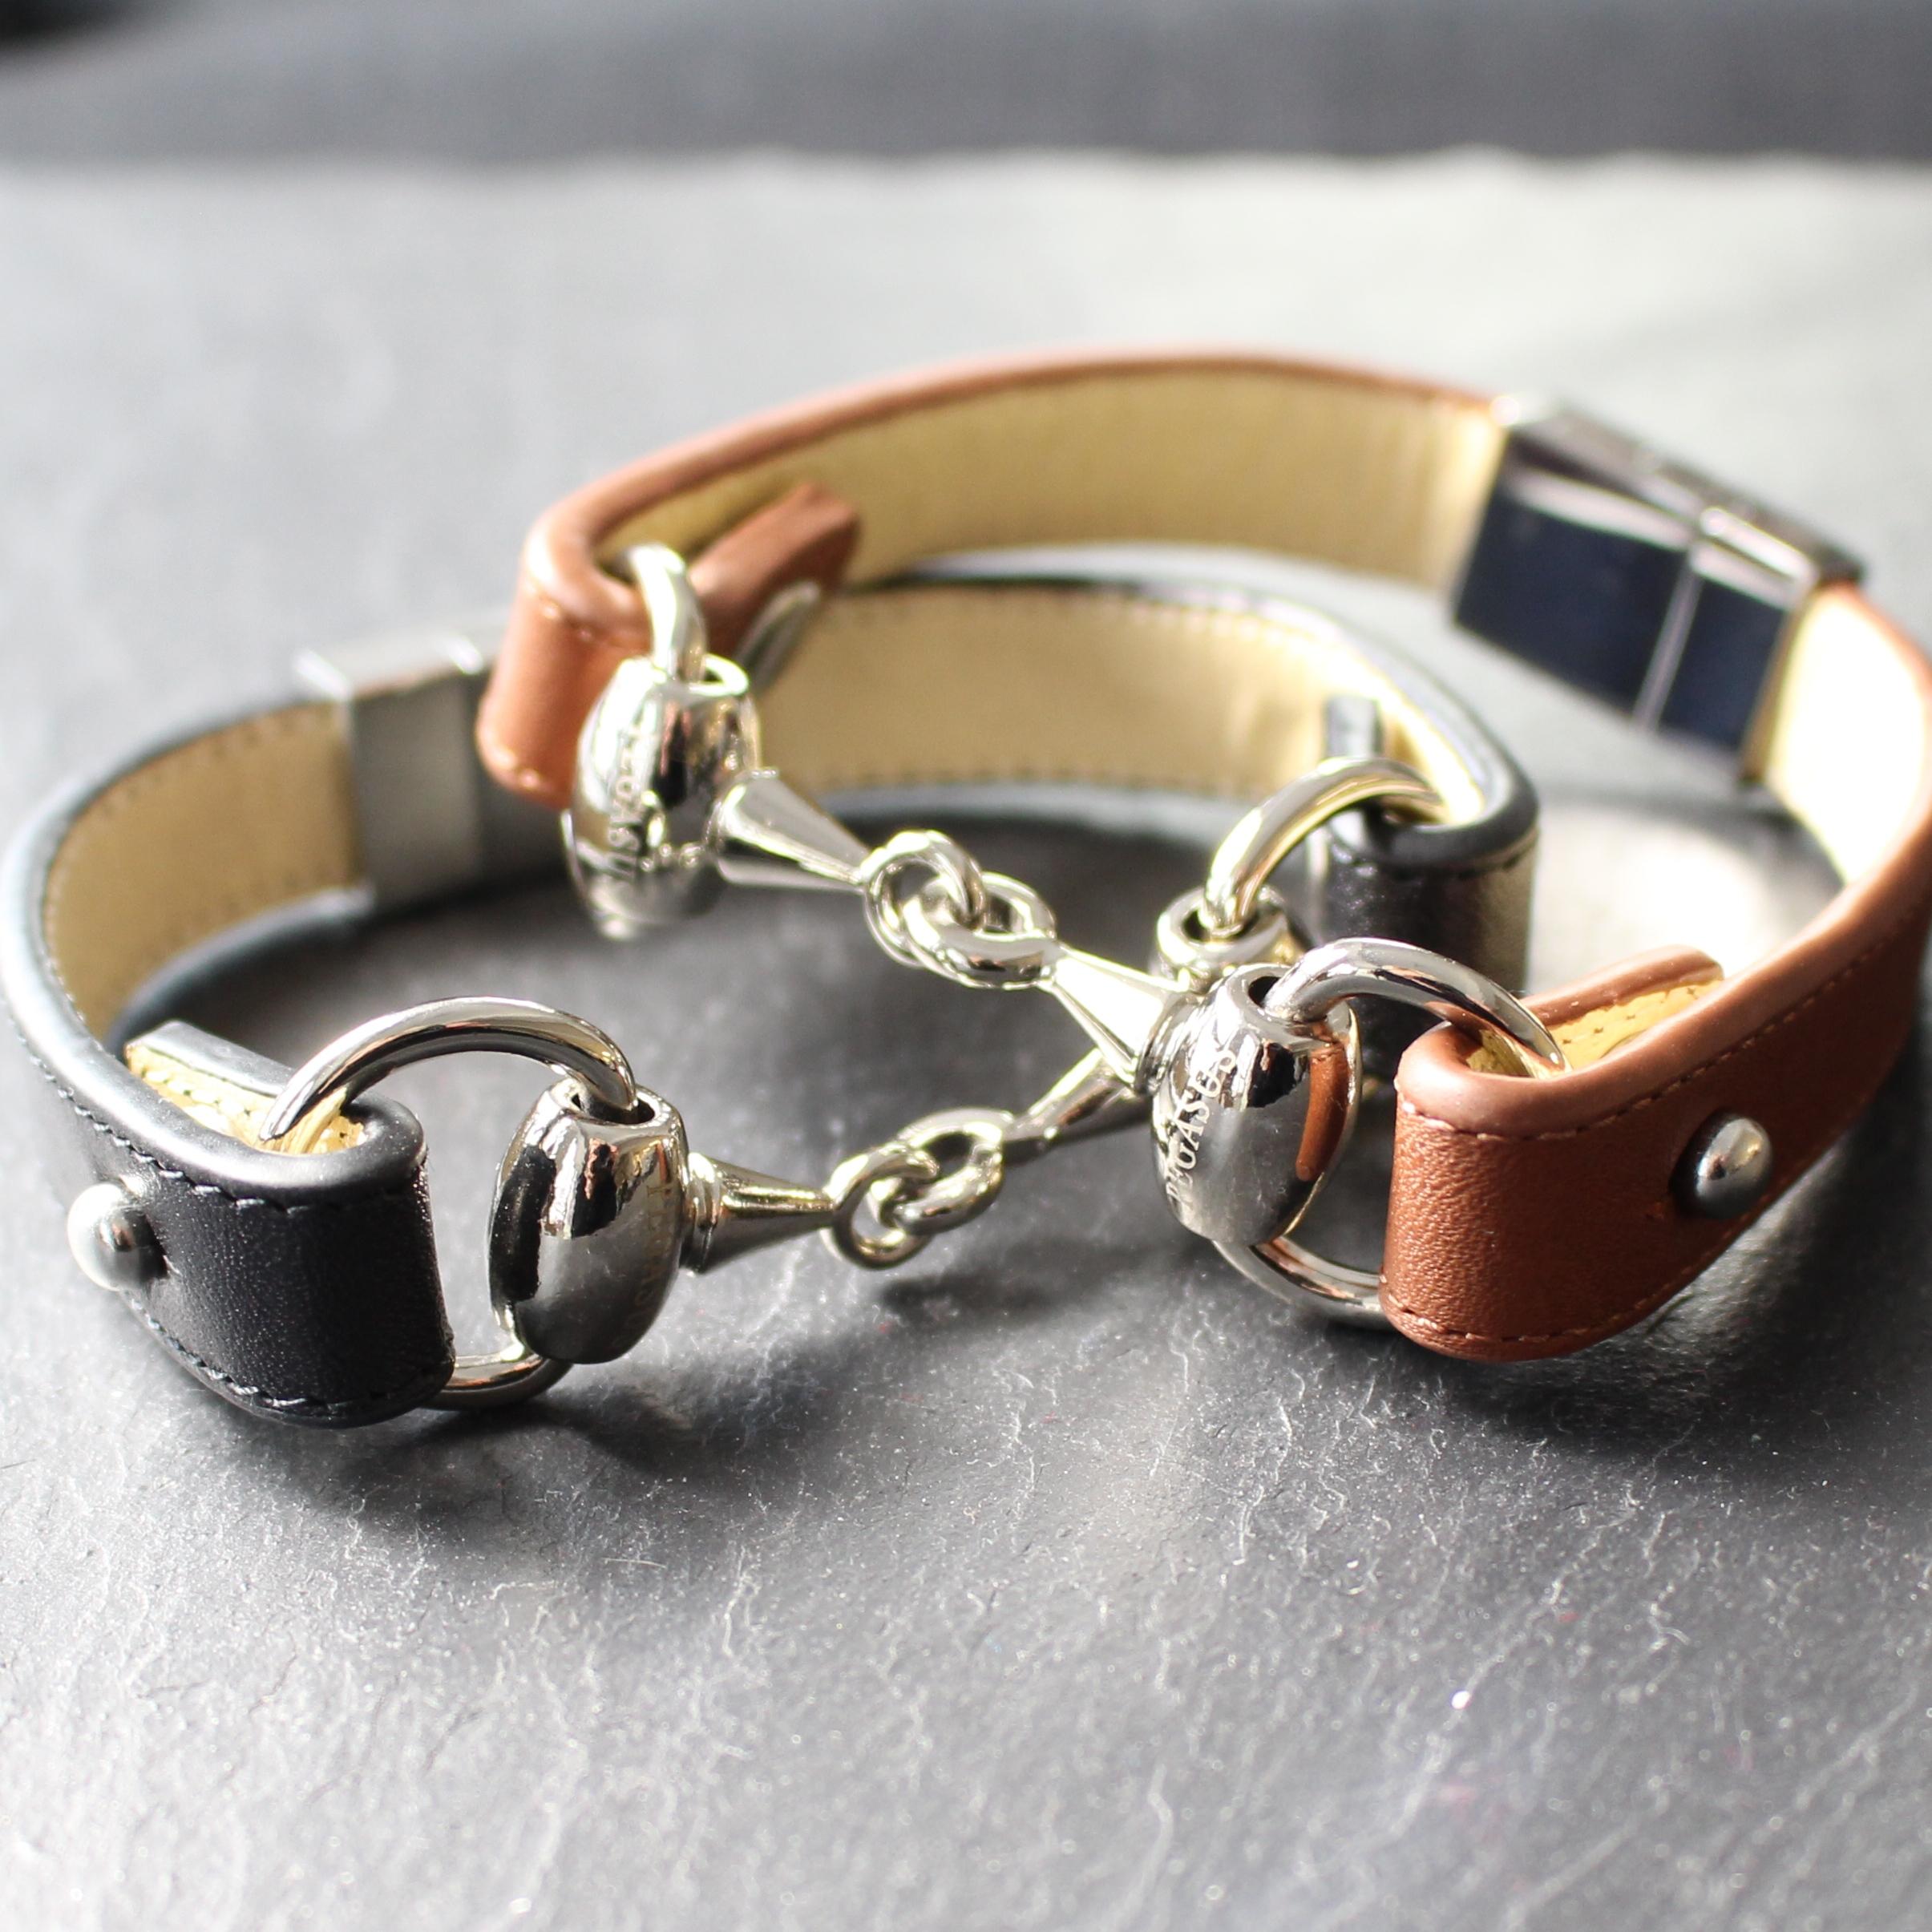 Pegasus Jewellery